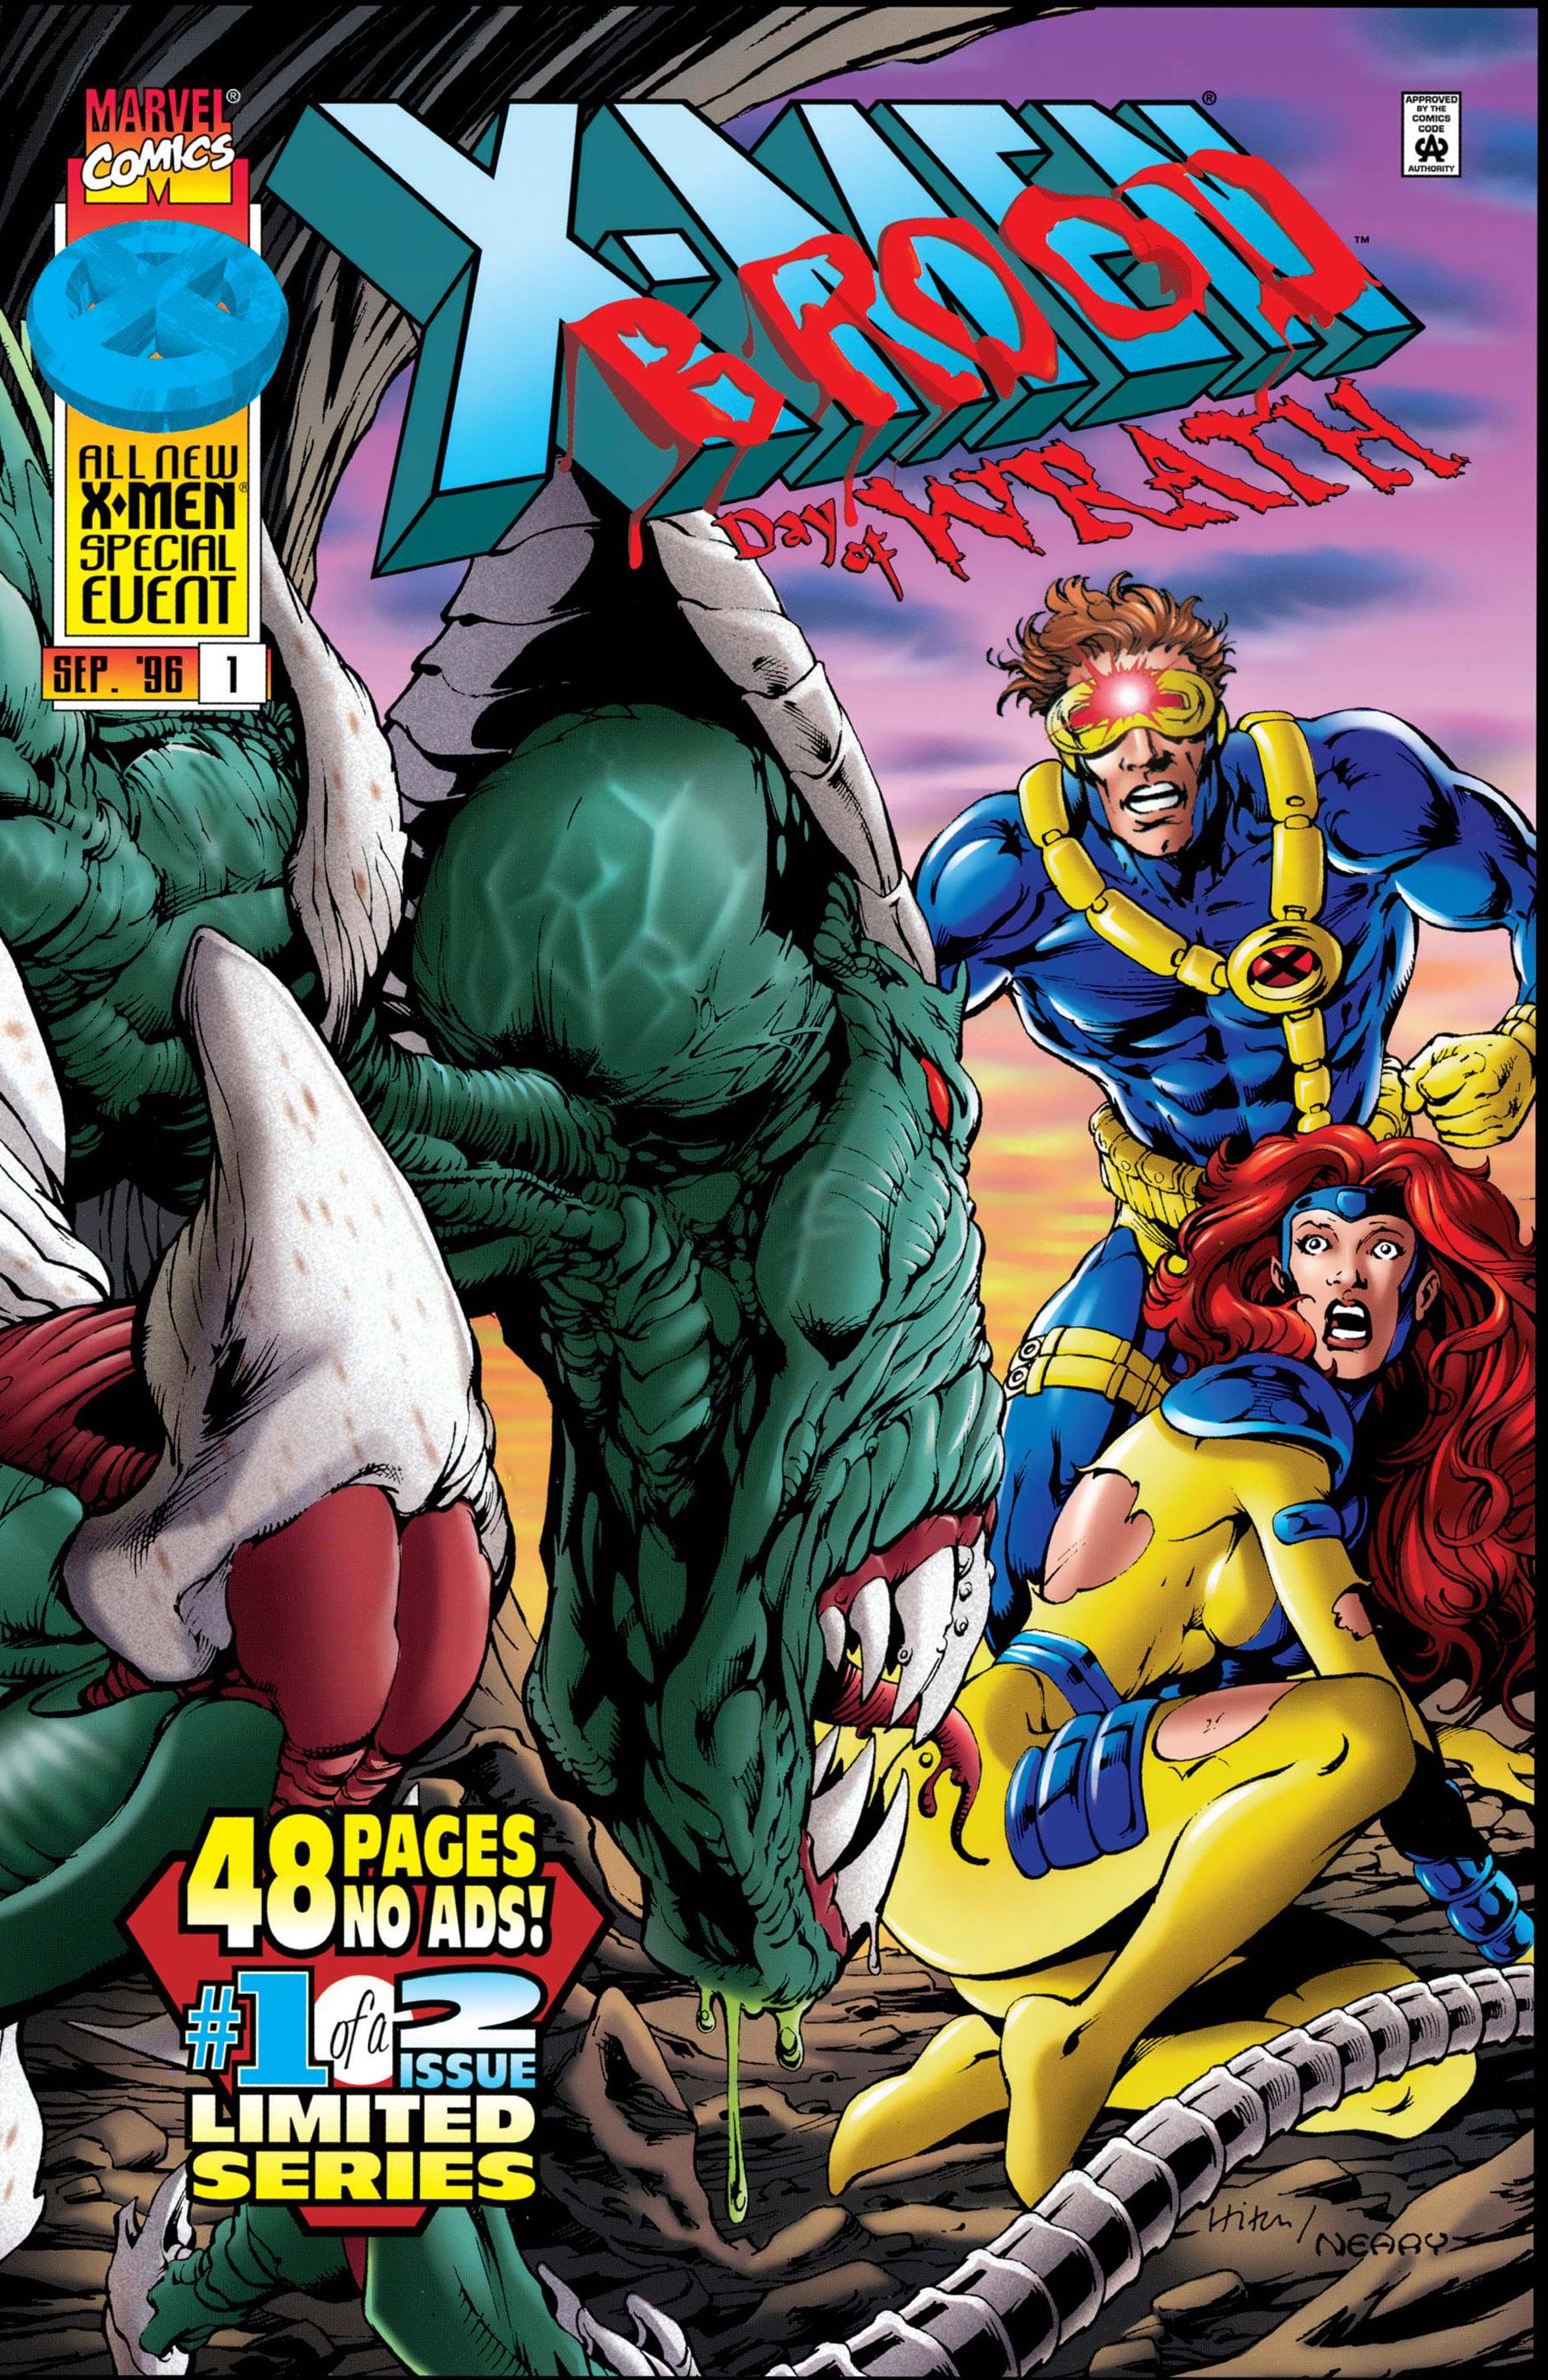 X-Men Vs. Brood (1996) #1